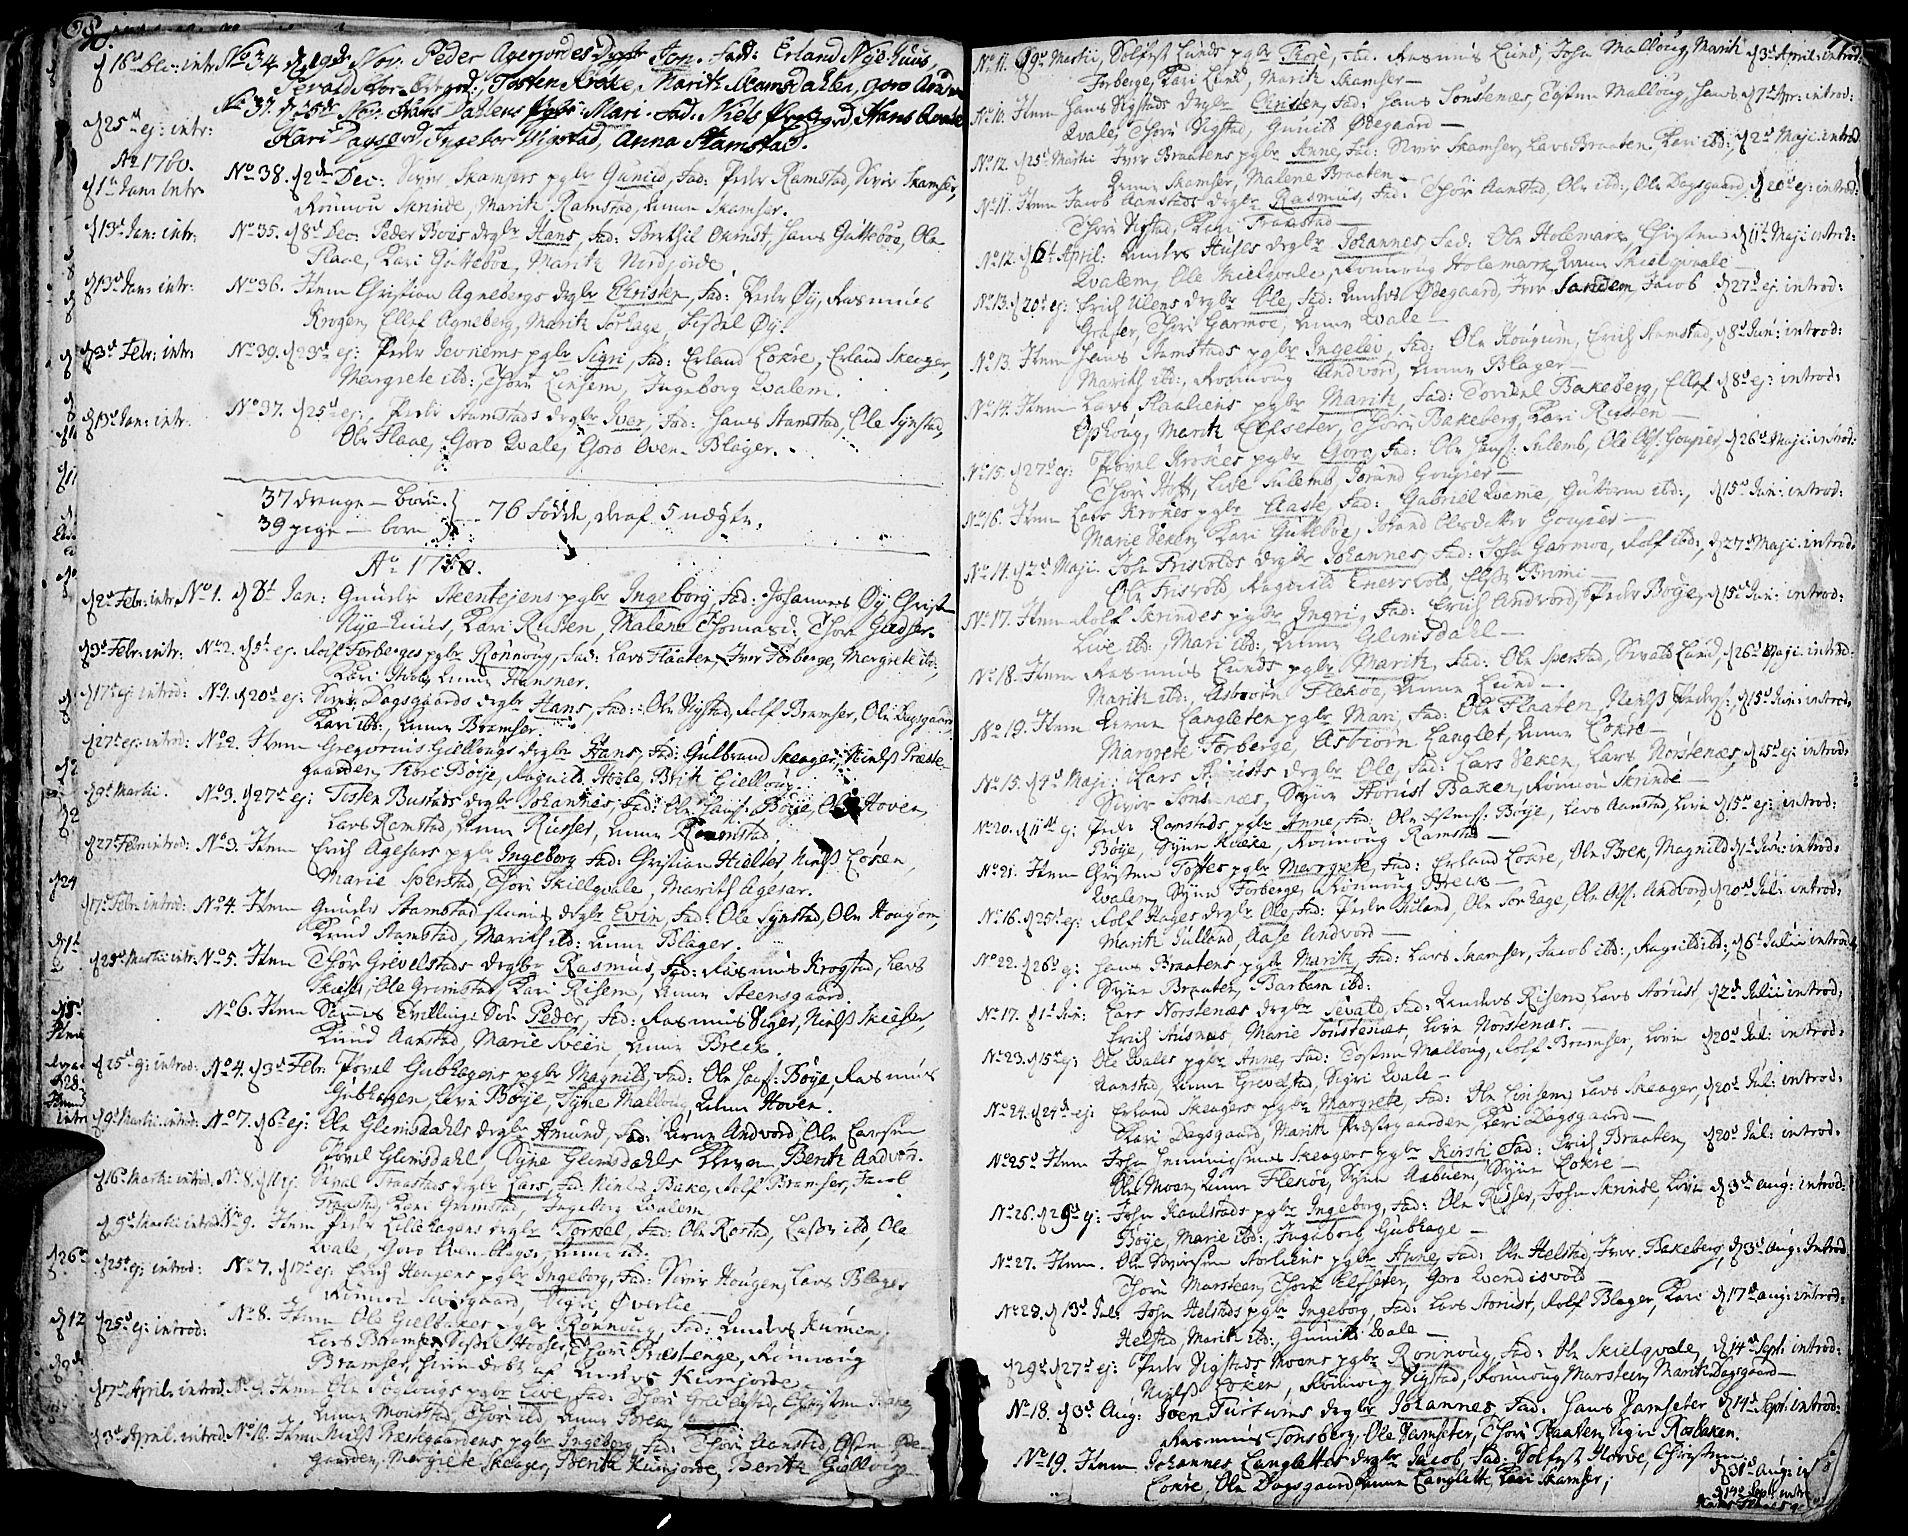 SAH, Lom prestekontor, K/L0002: Ministerialbok nr. 2, 1749-1801, s. 70-71